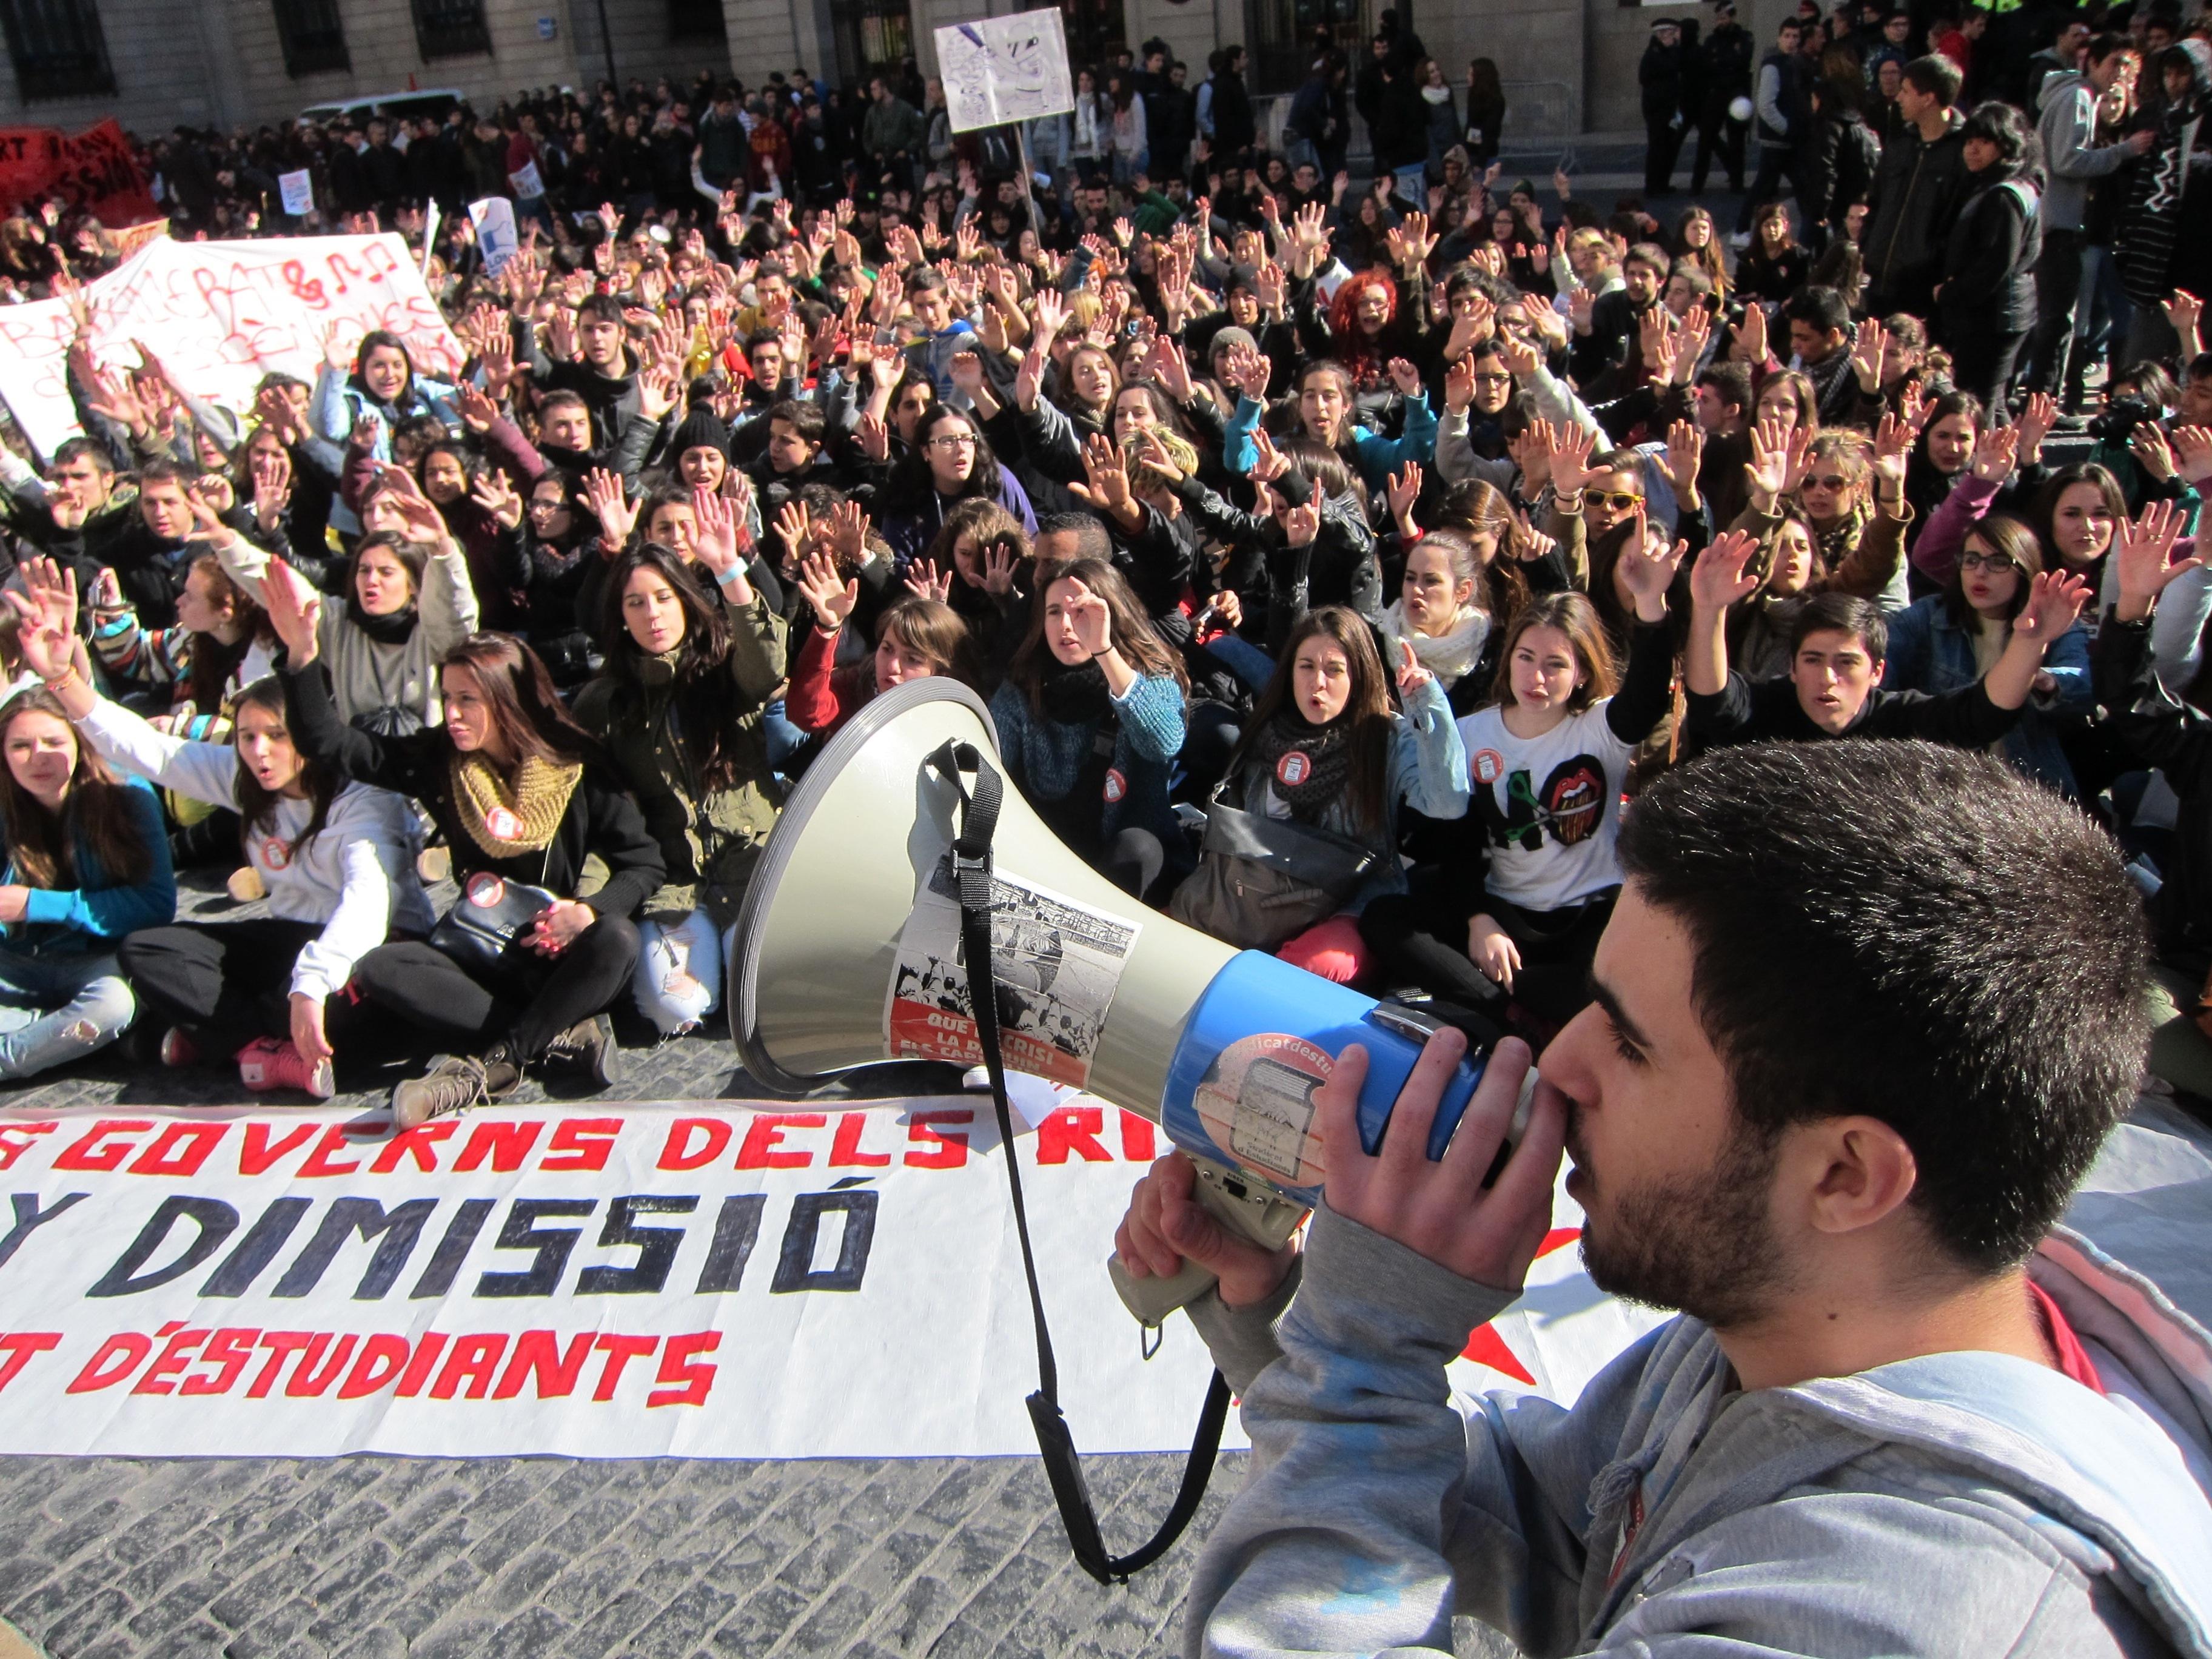 Asociaciones vecinales catalanas apoyan la marcha en defensa de la educación pública